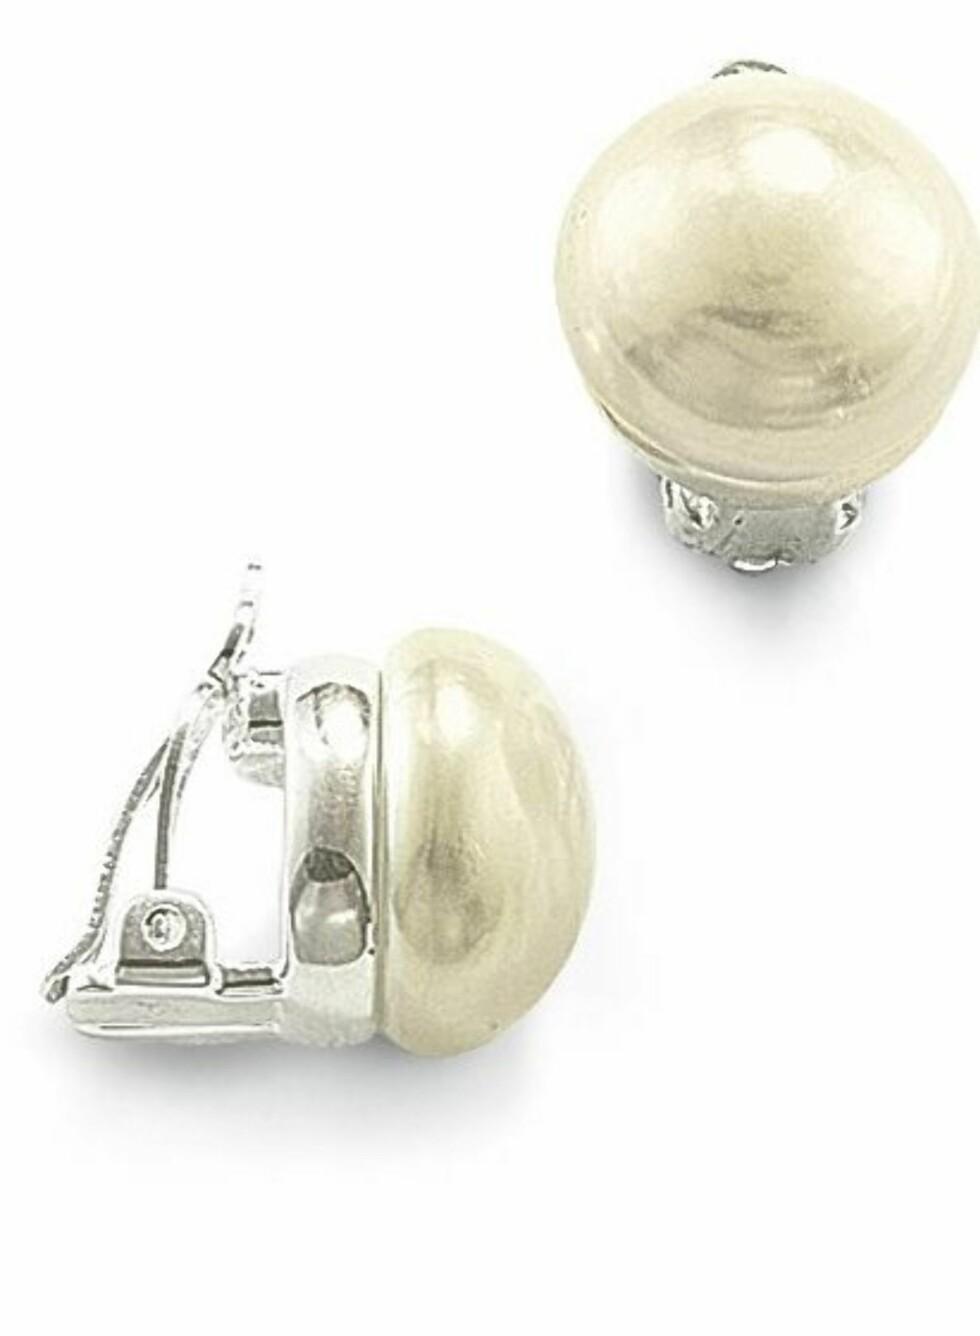 Klipsøredobber med perle fra Thomas Sabo, kr 798. Foto: Produsenten